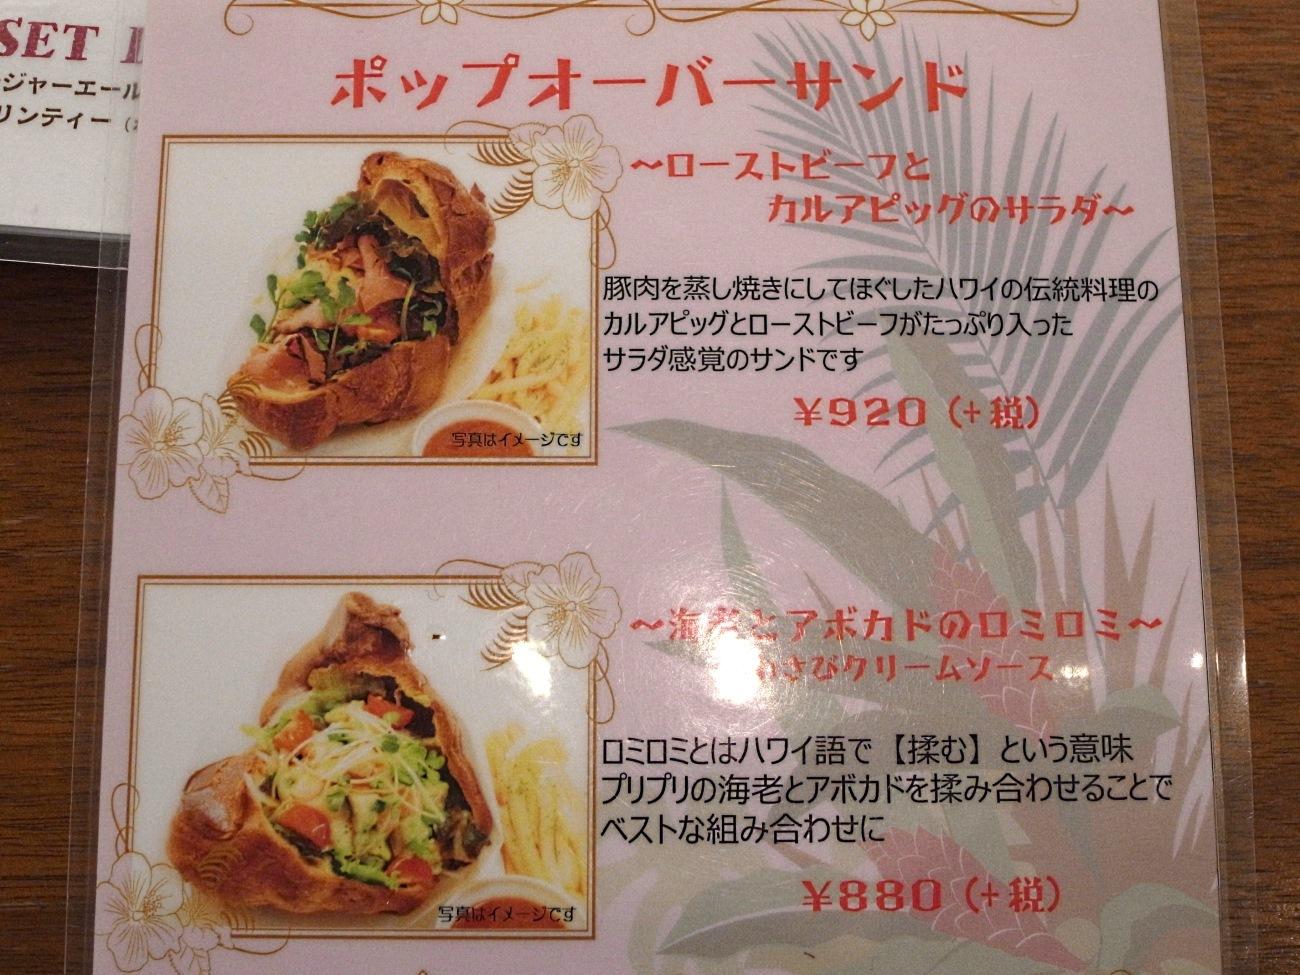 ポップオーバーサンドを食べてみた〔MuuMuuDiner Fine Hawaiian Cuisine/ハワイ料理・カフェ/阪急梅田・地下鉄中津〕_f0195971_09564427.jpg